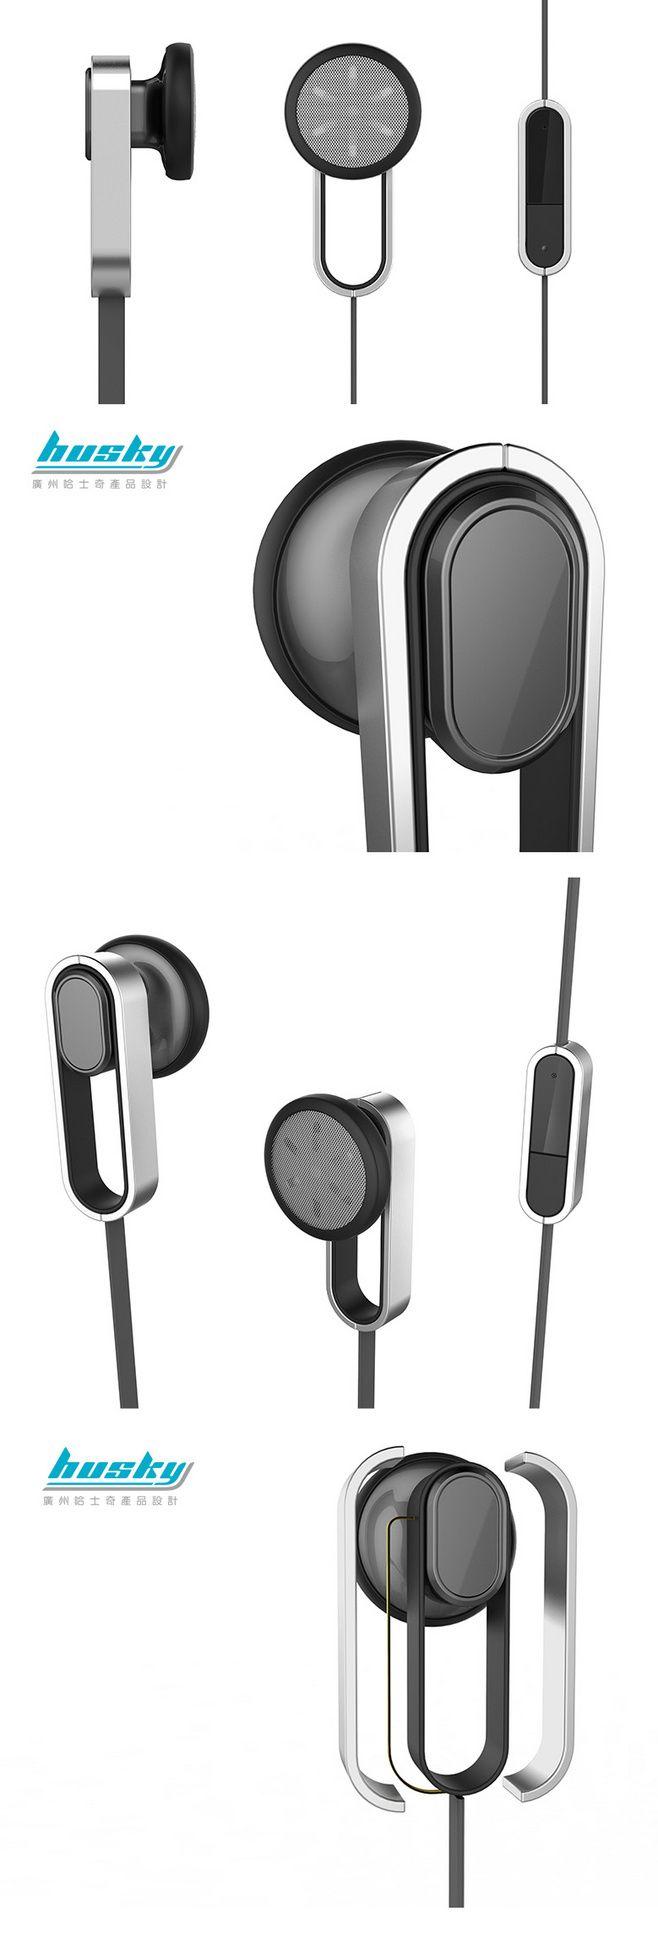 耳塞设计-耳塞设计-广州哈士奇